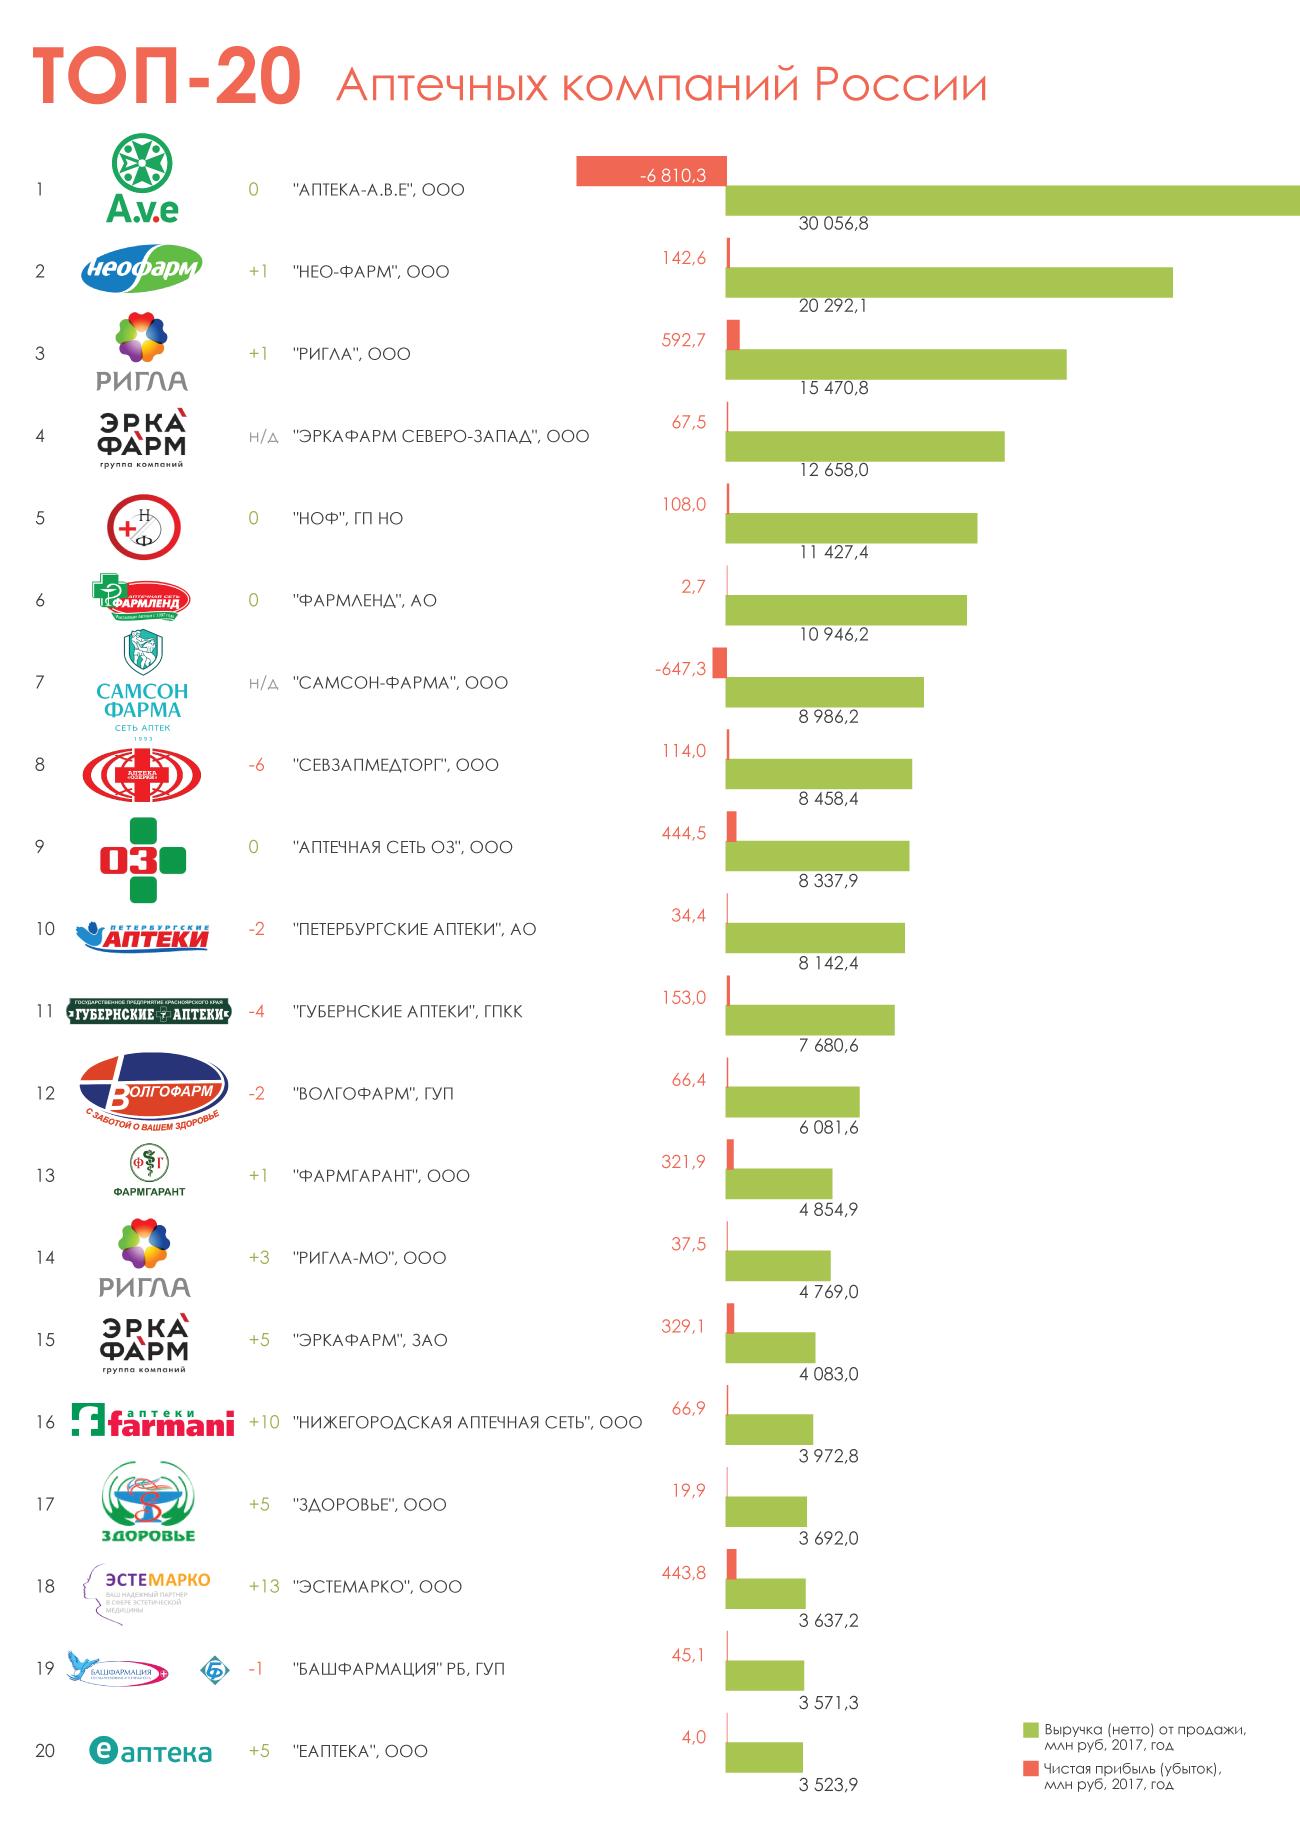 ТОП-20-российских-аптечных-компаний-